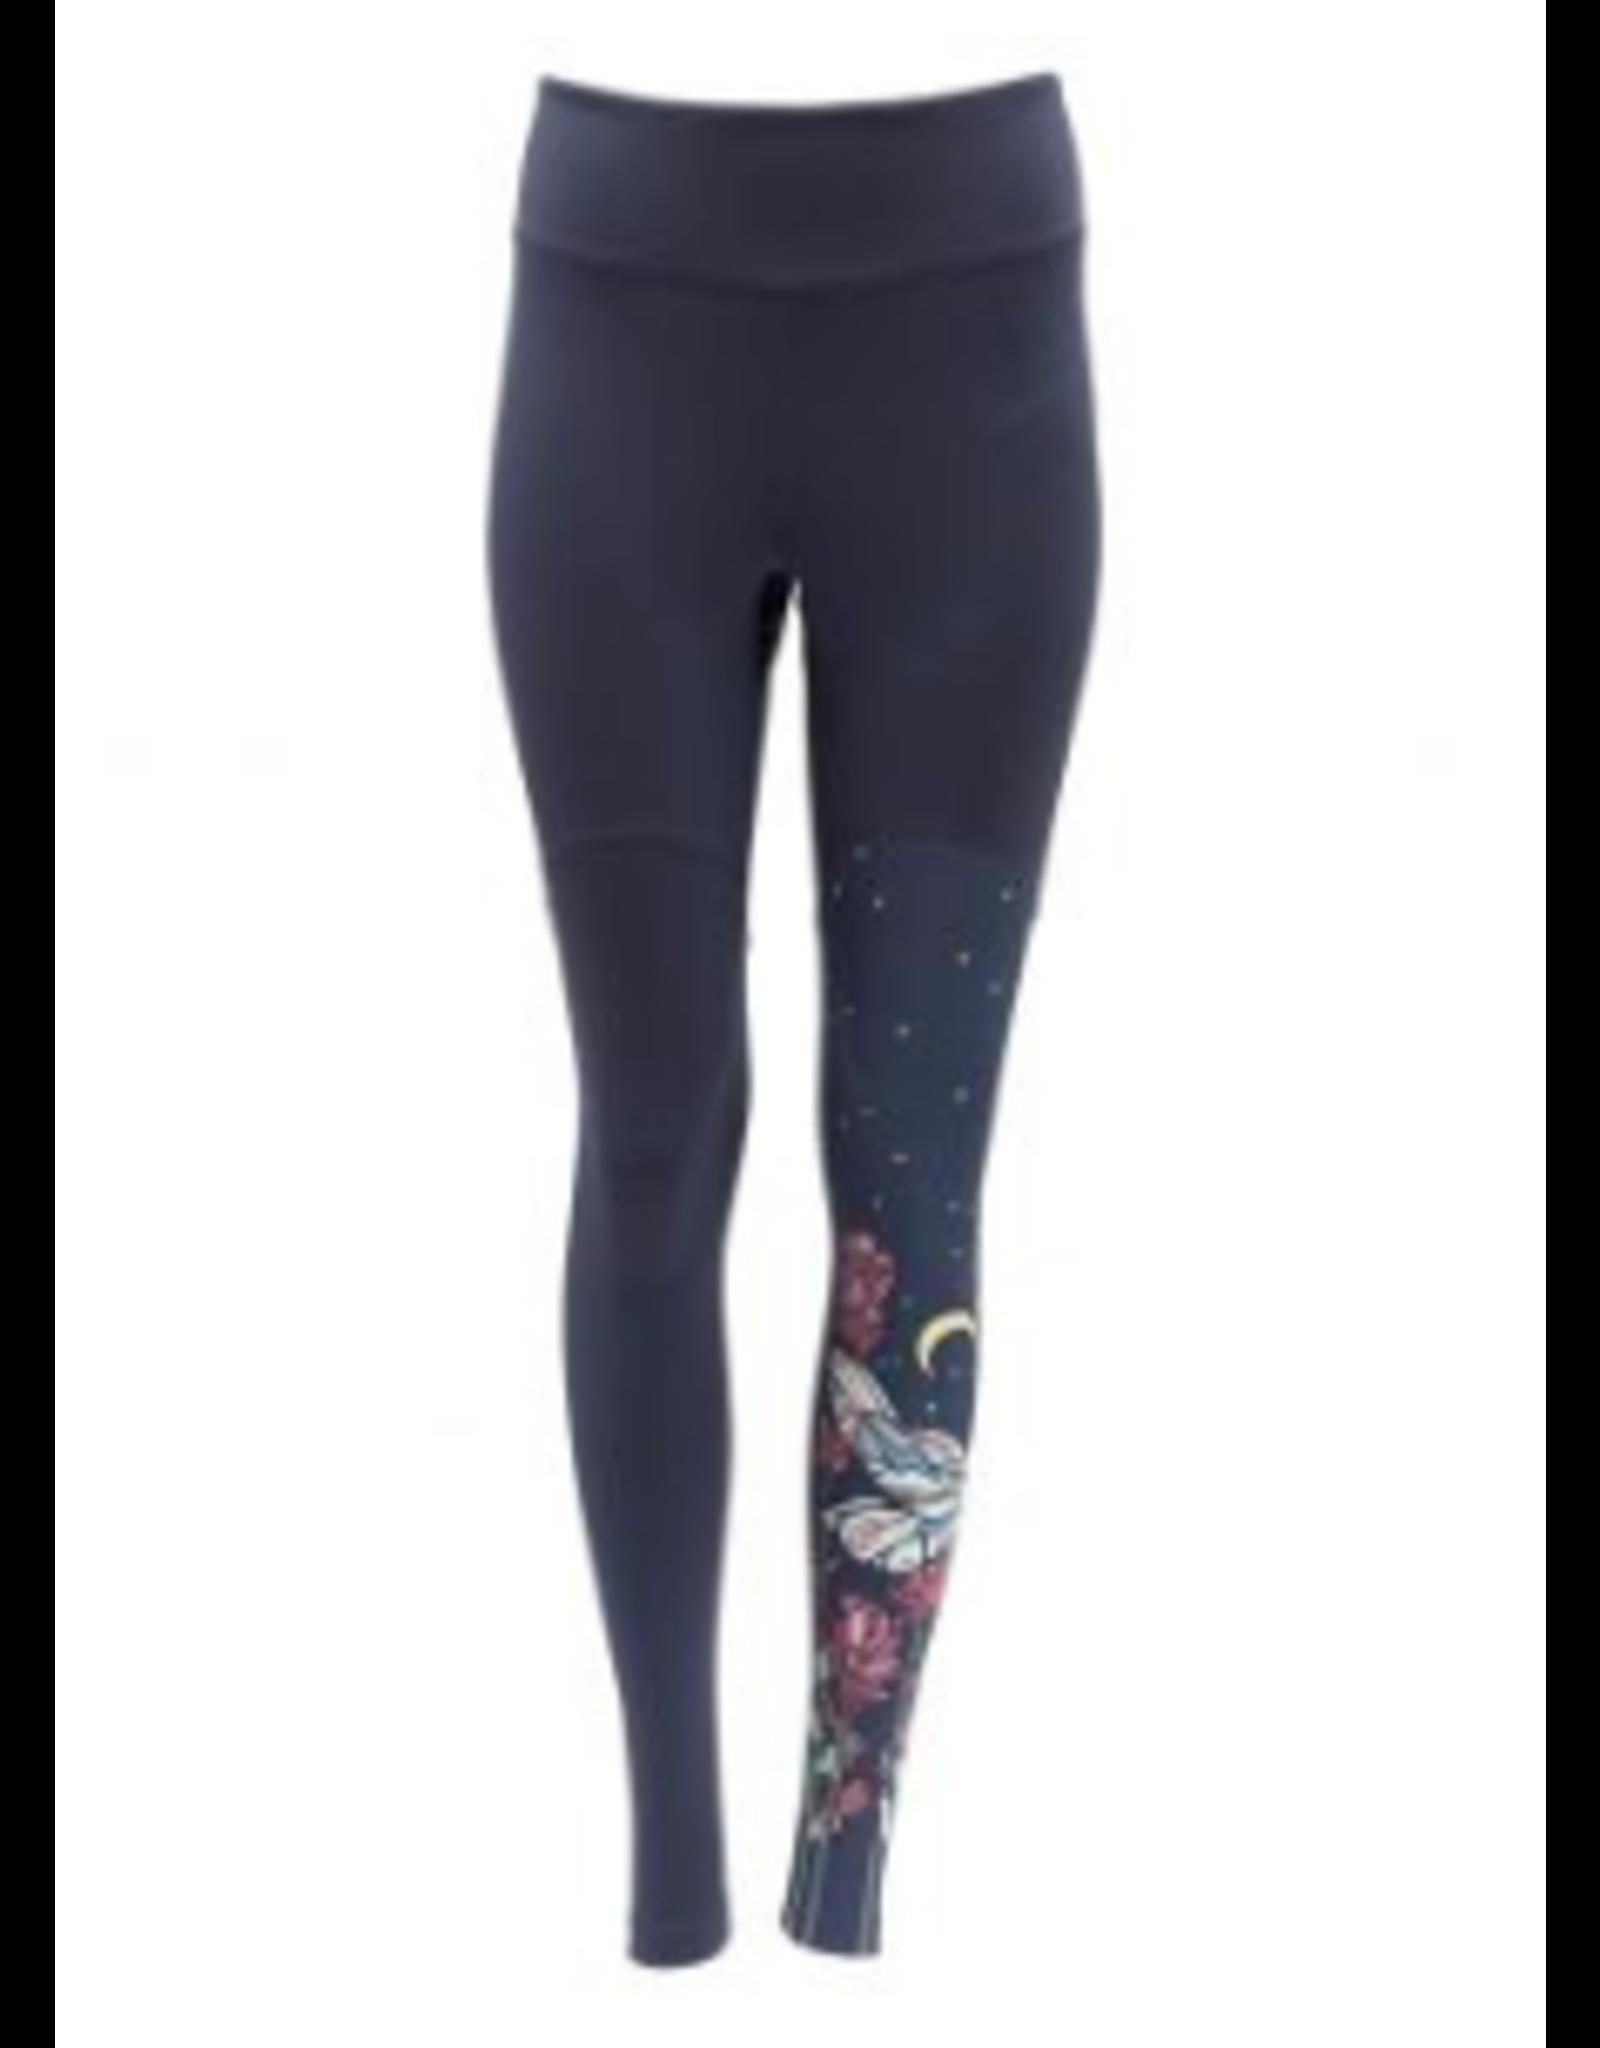 Functional, fashionable, fishy leggings